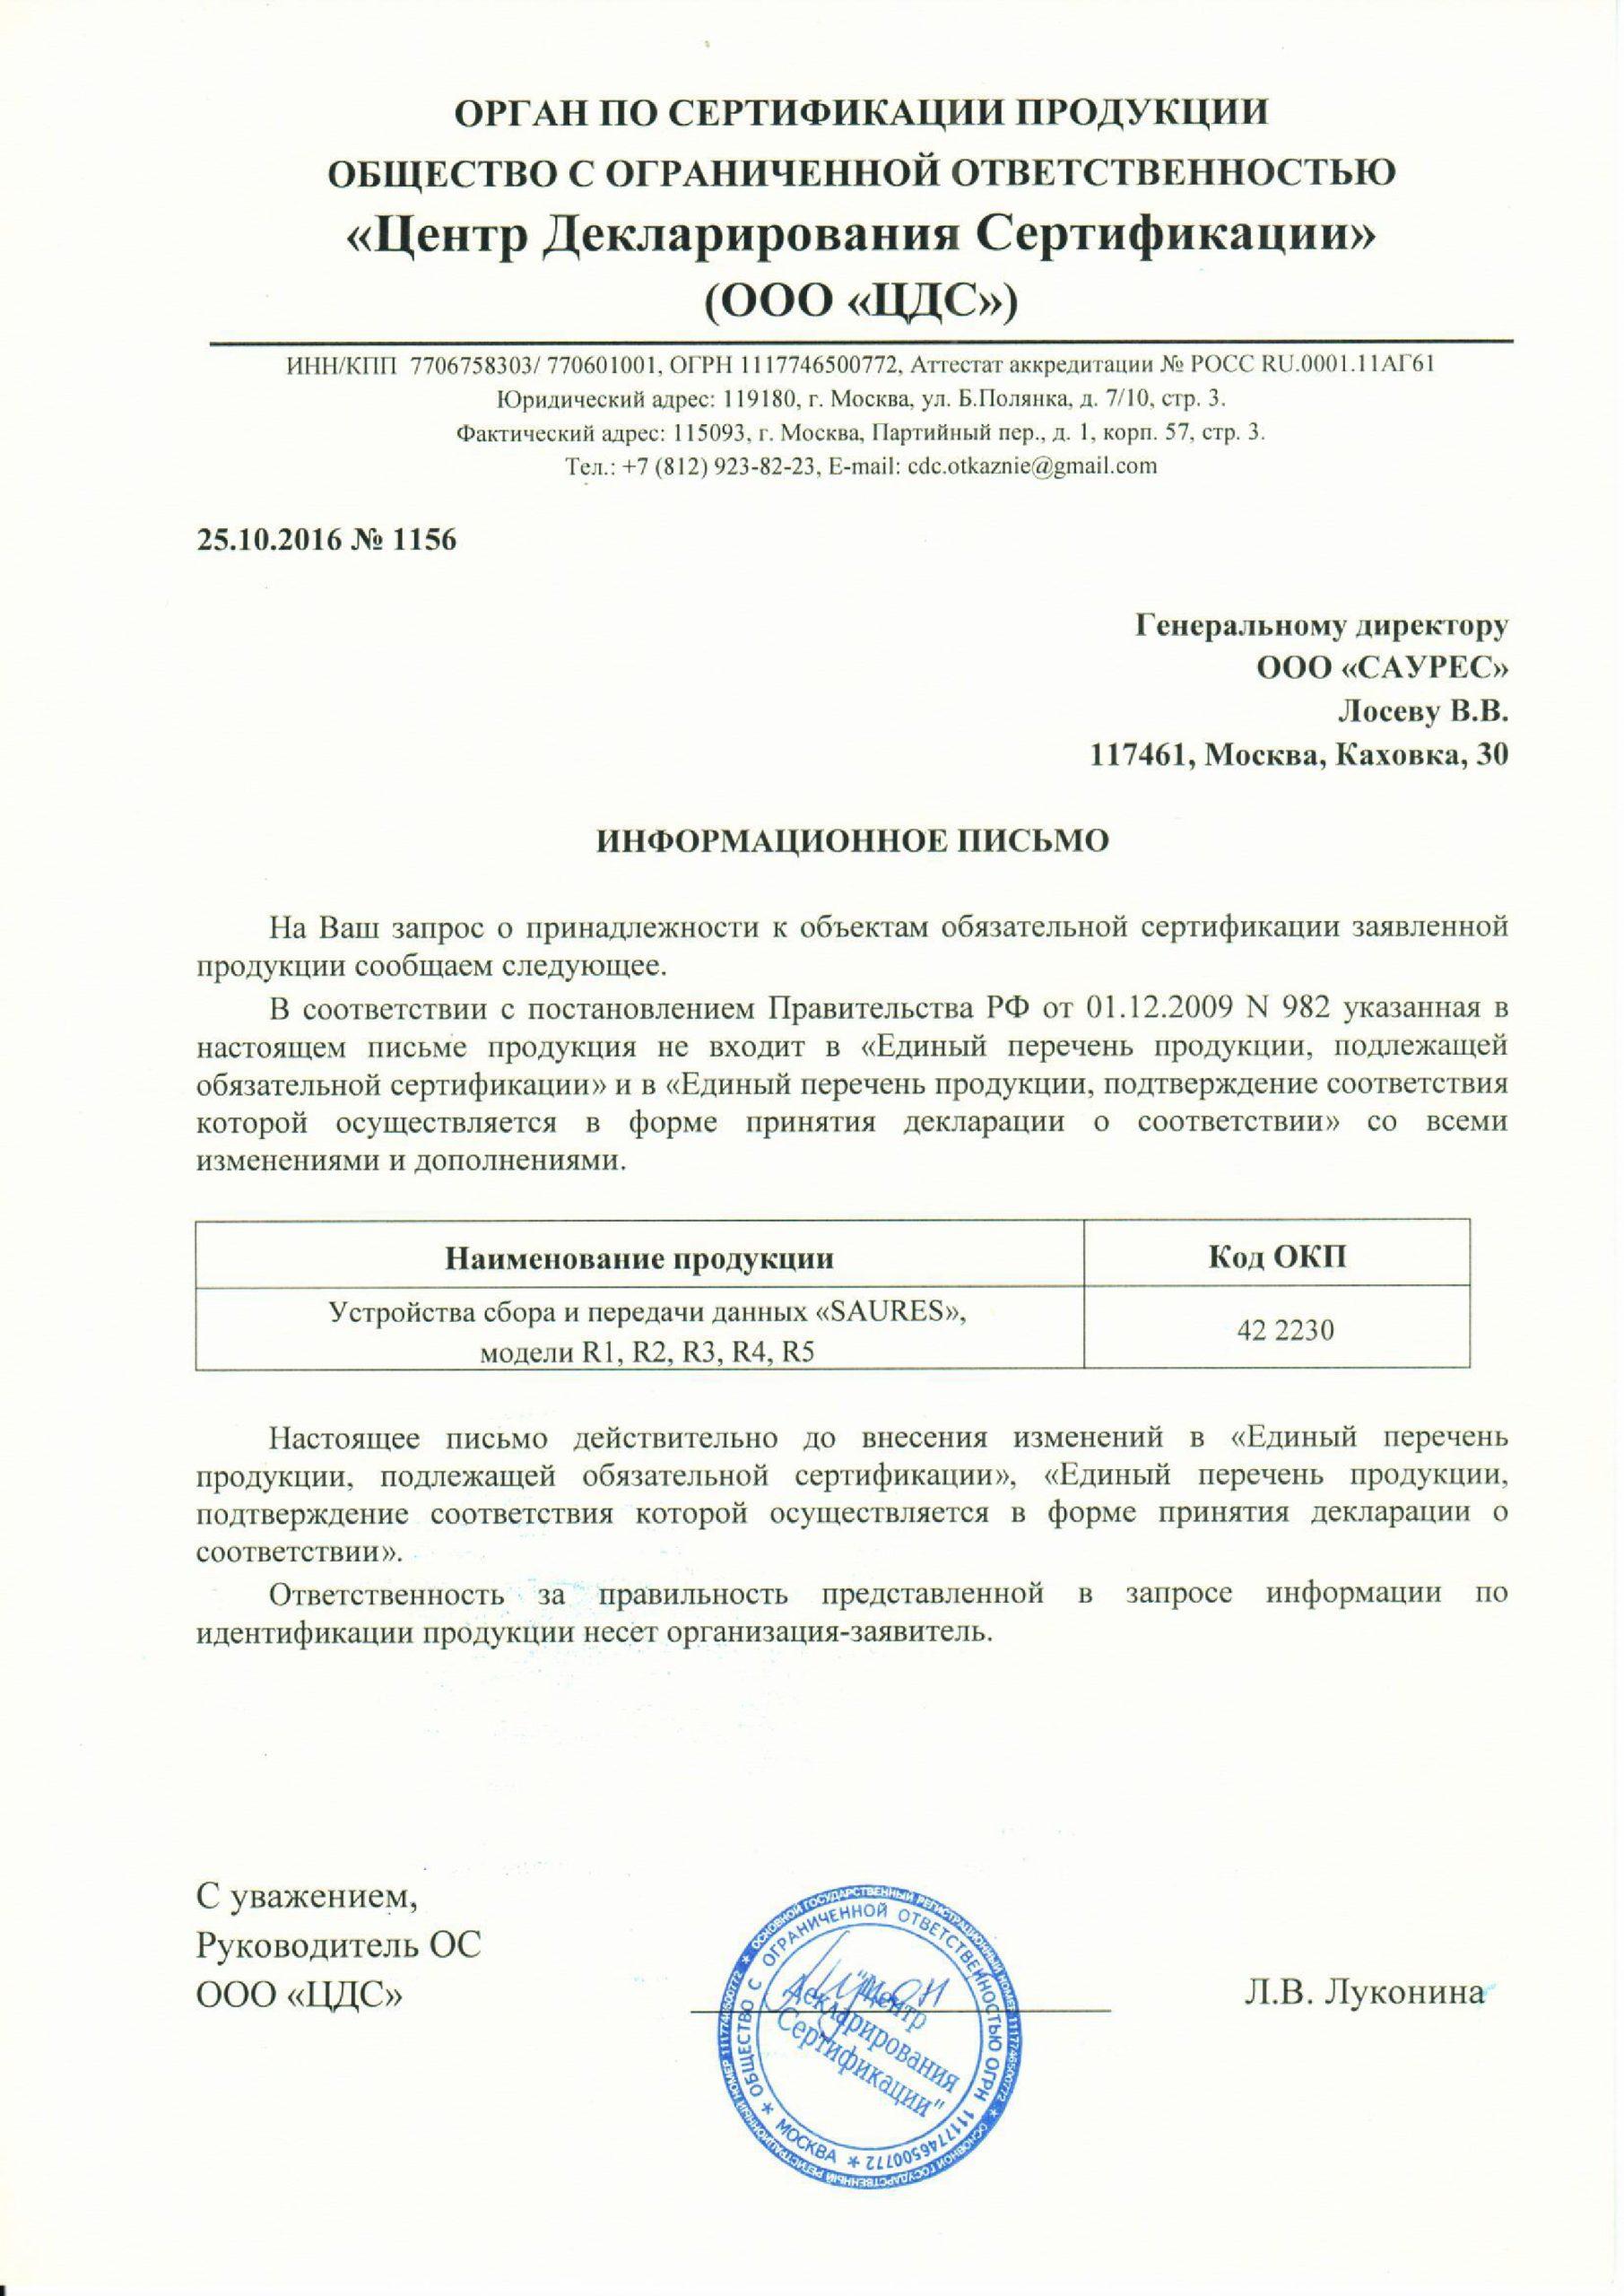 Отказное письмо по сертификации продукции: как получить, где заказать, у кого оформить